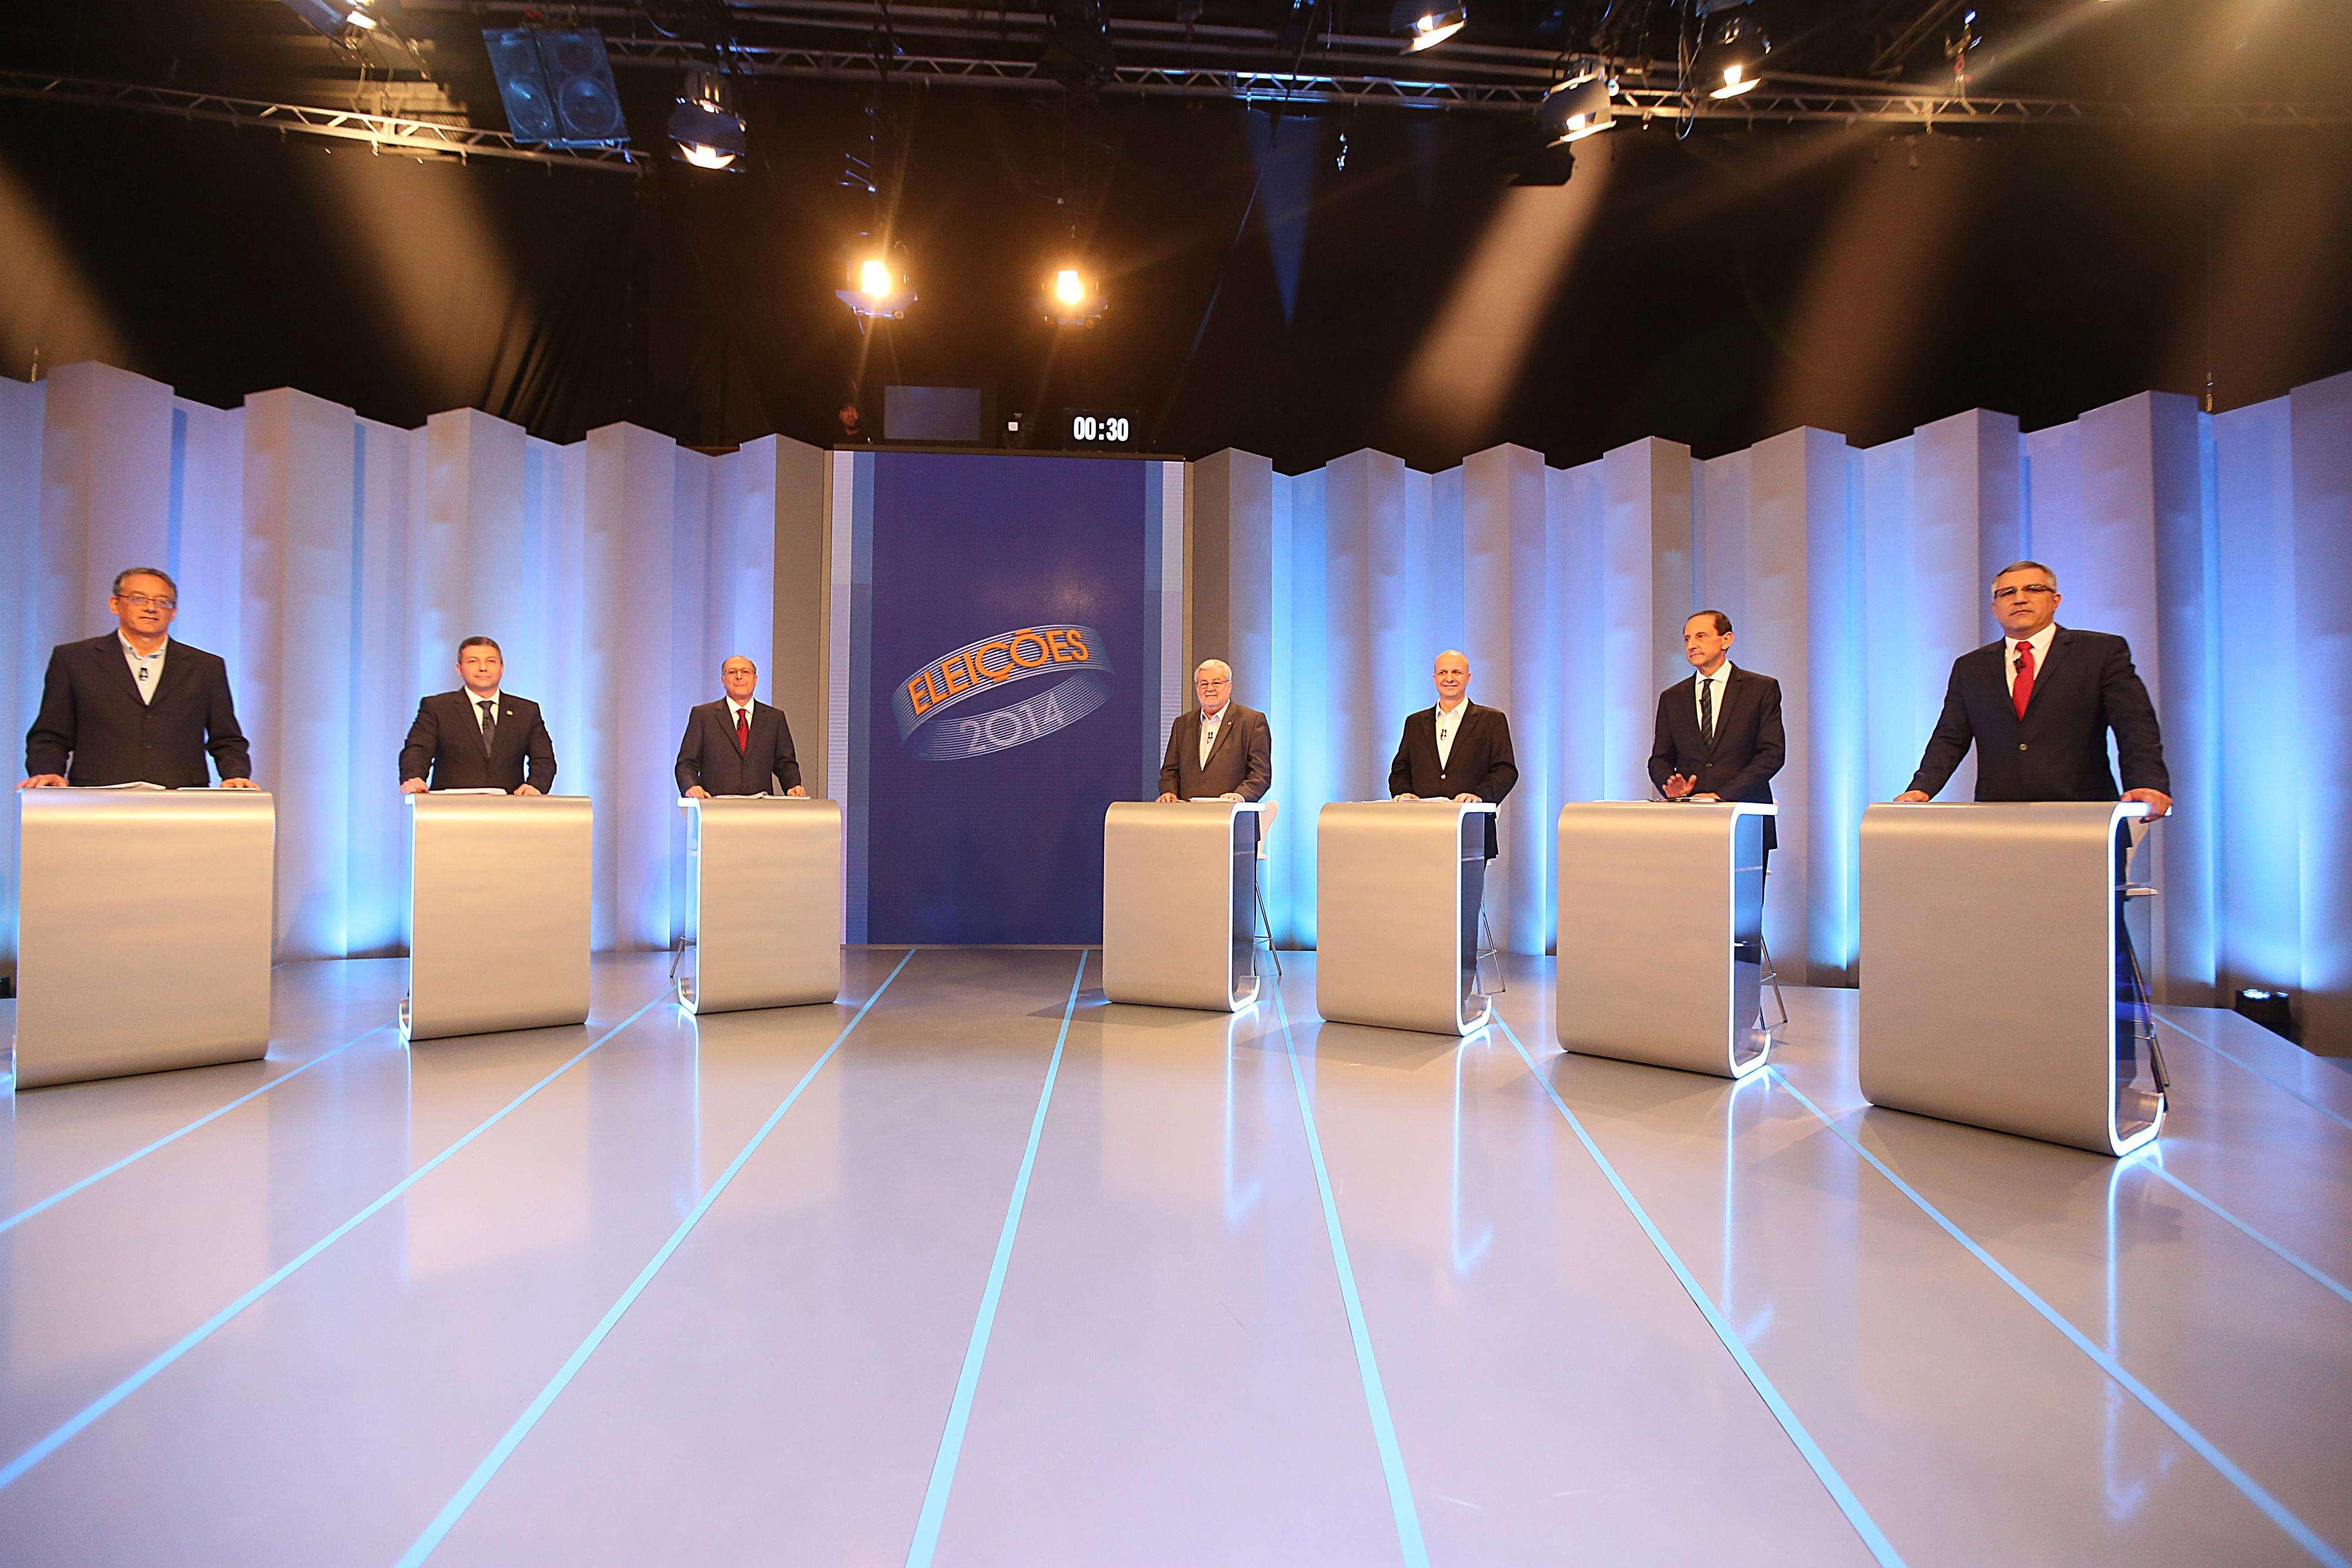 Candidatos participaram do debate da TV Globo nesta terça Foto: Paulo Pinto/Analítica/Divulgação